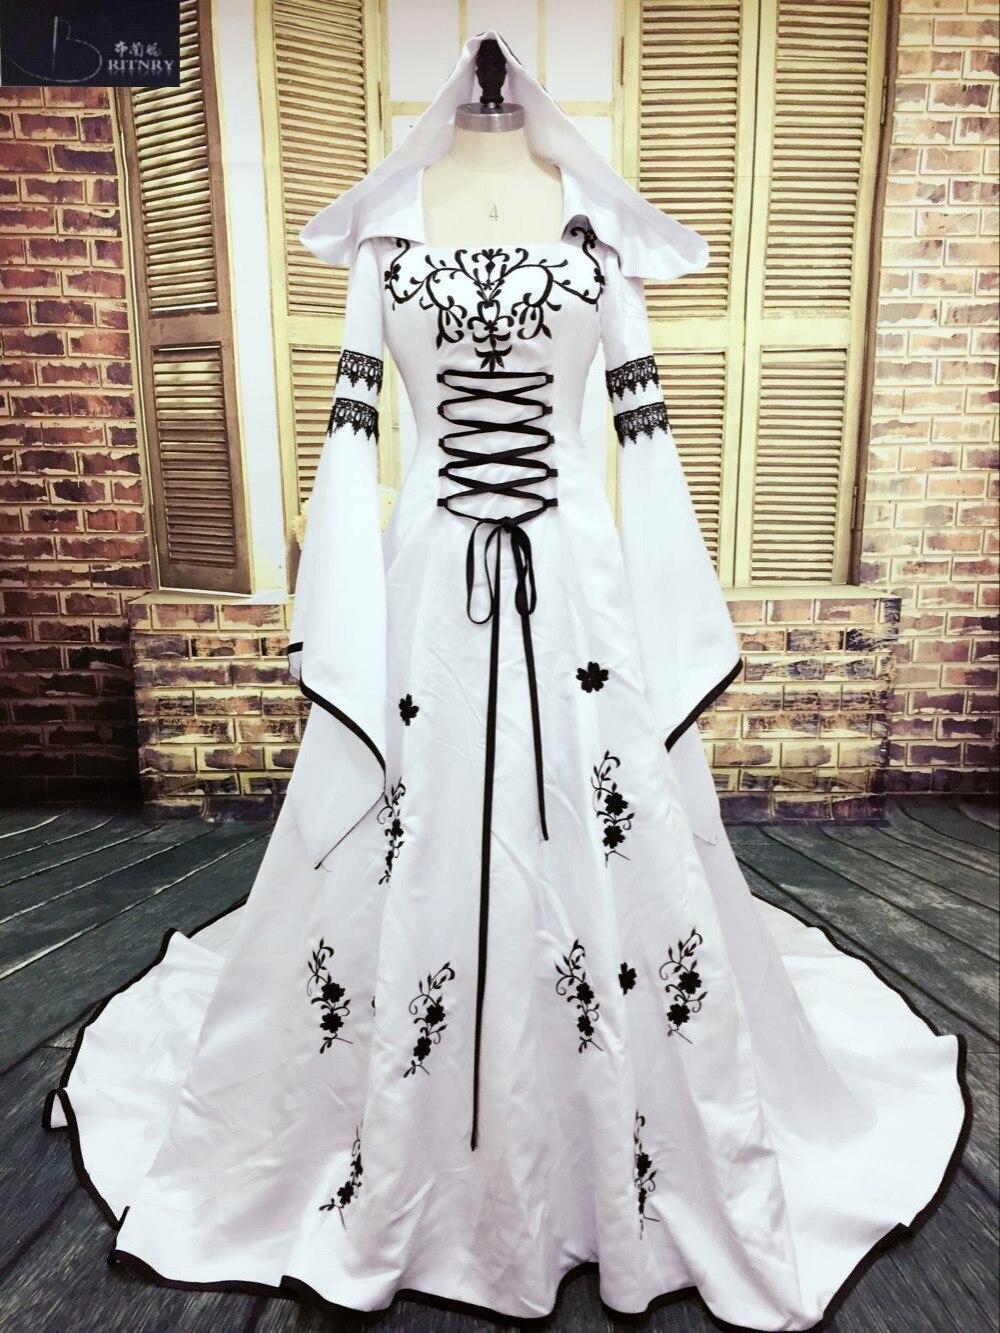 robe de mariage mittelalter brautkleid nach maß braut kleider stickerei  eine linie weiß und schwarz satin hochzeit kleid